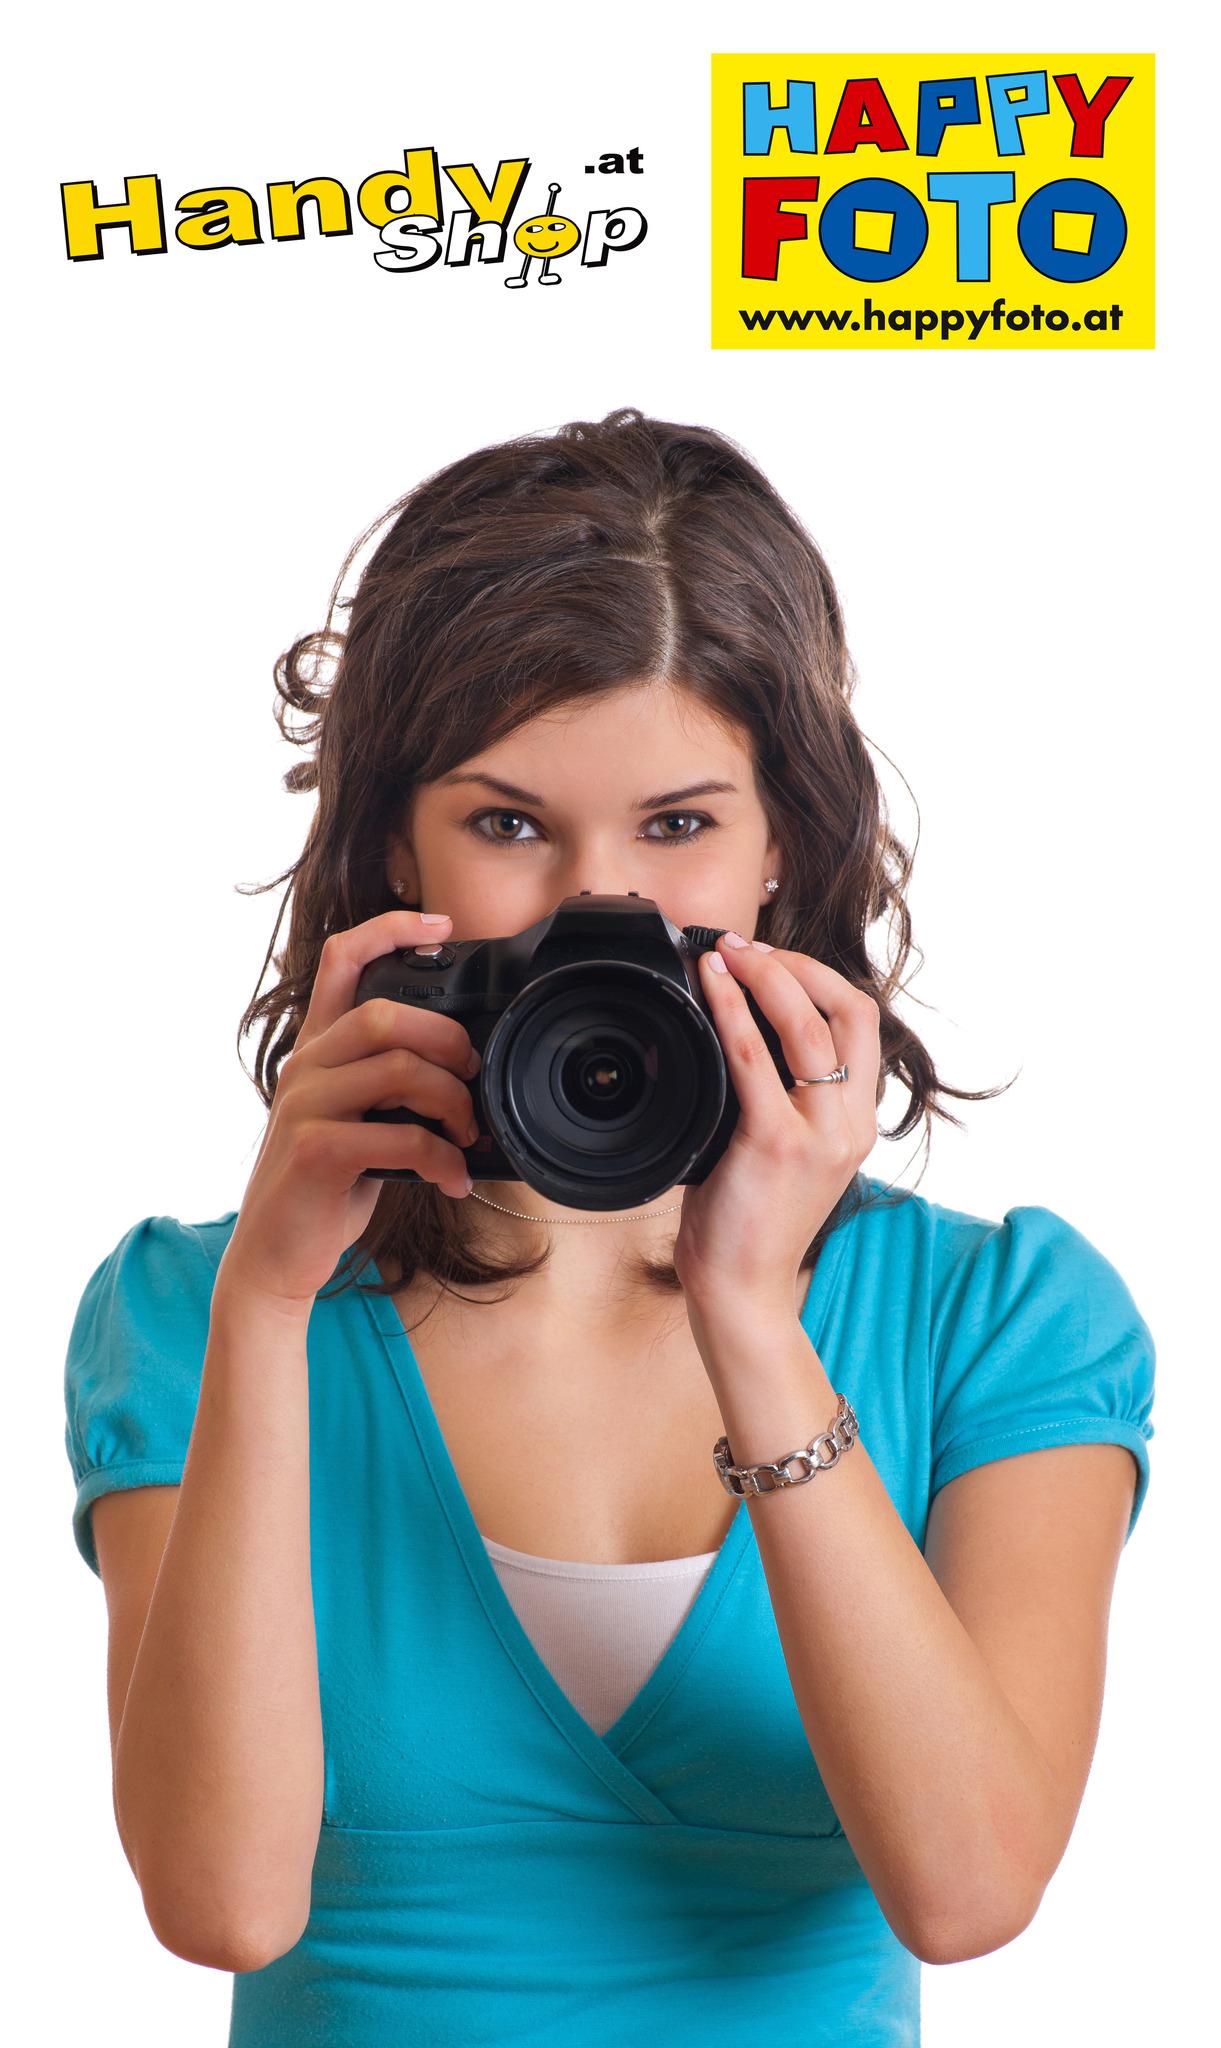 fotogalerie online erstellen gmunden